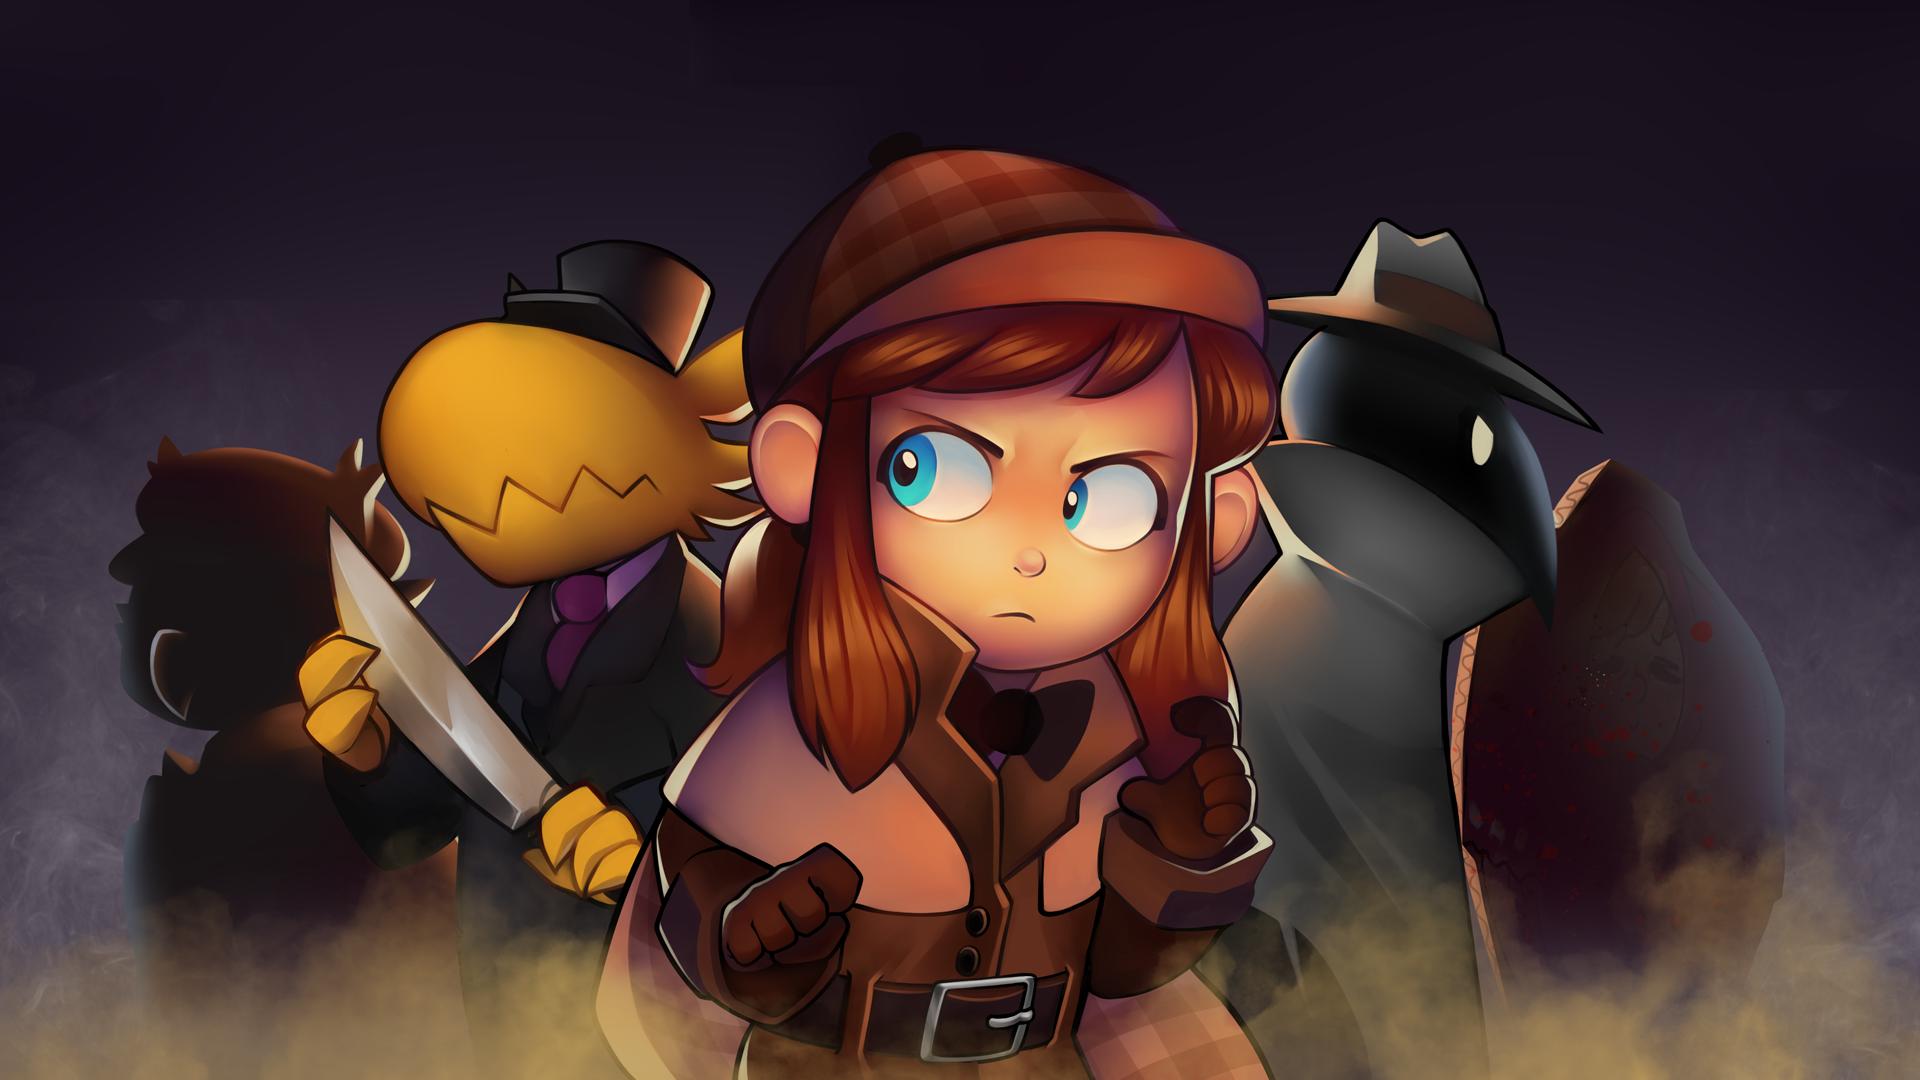 Imagem do jogo indie de plataforma 3D collectathon A Hat in Time. A imagem mostra a protagonista do jogo em uma roupa de detetive, em uma cena que lembra investigação de assassinato.